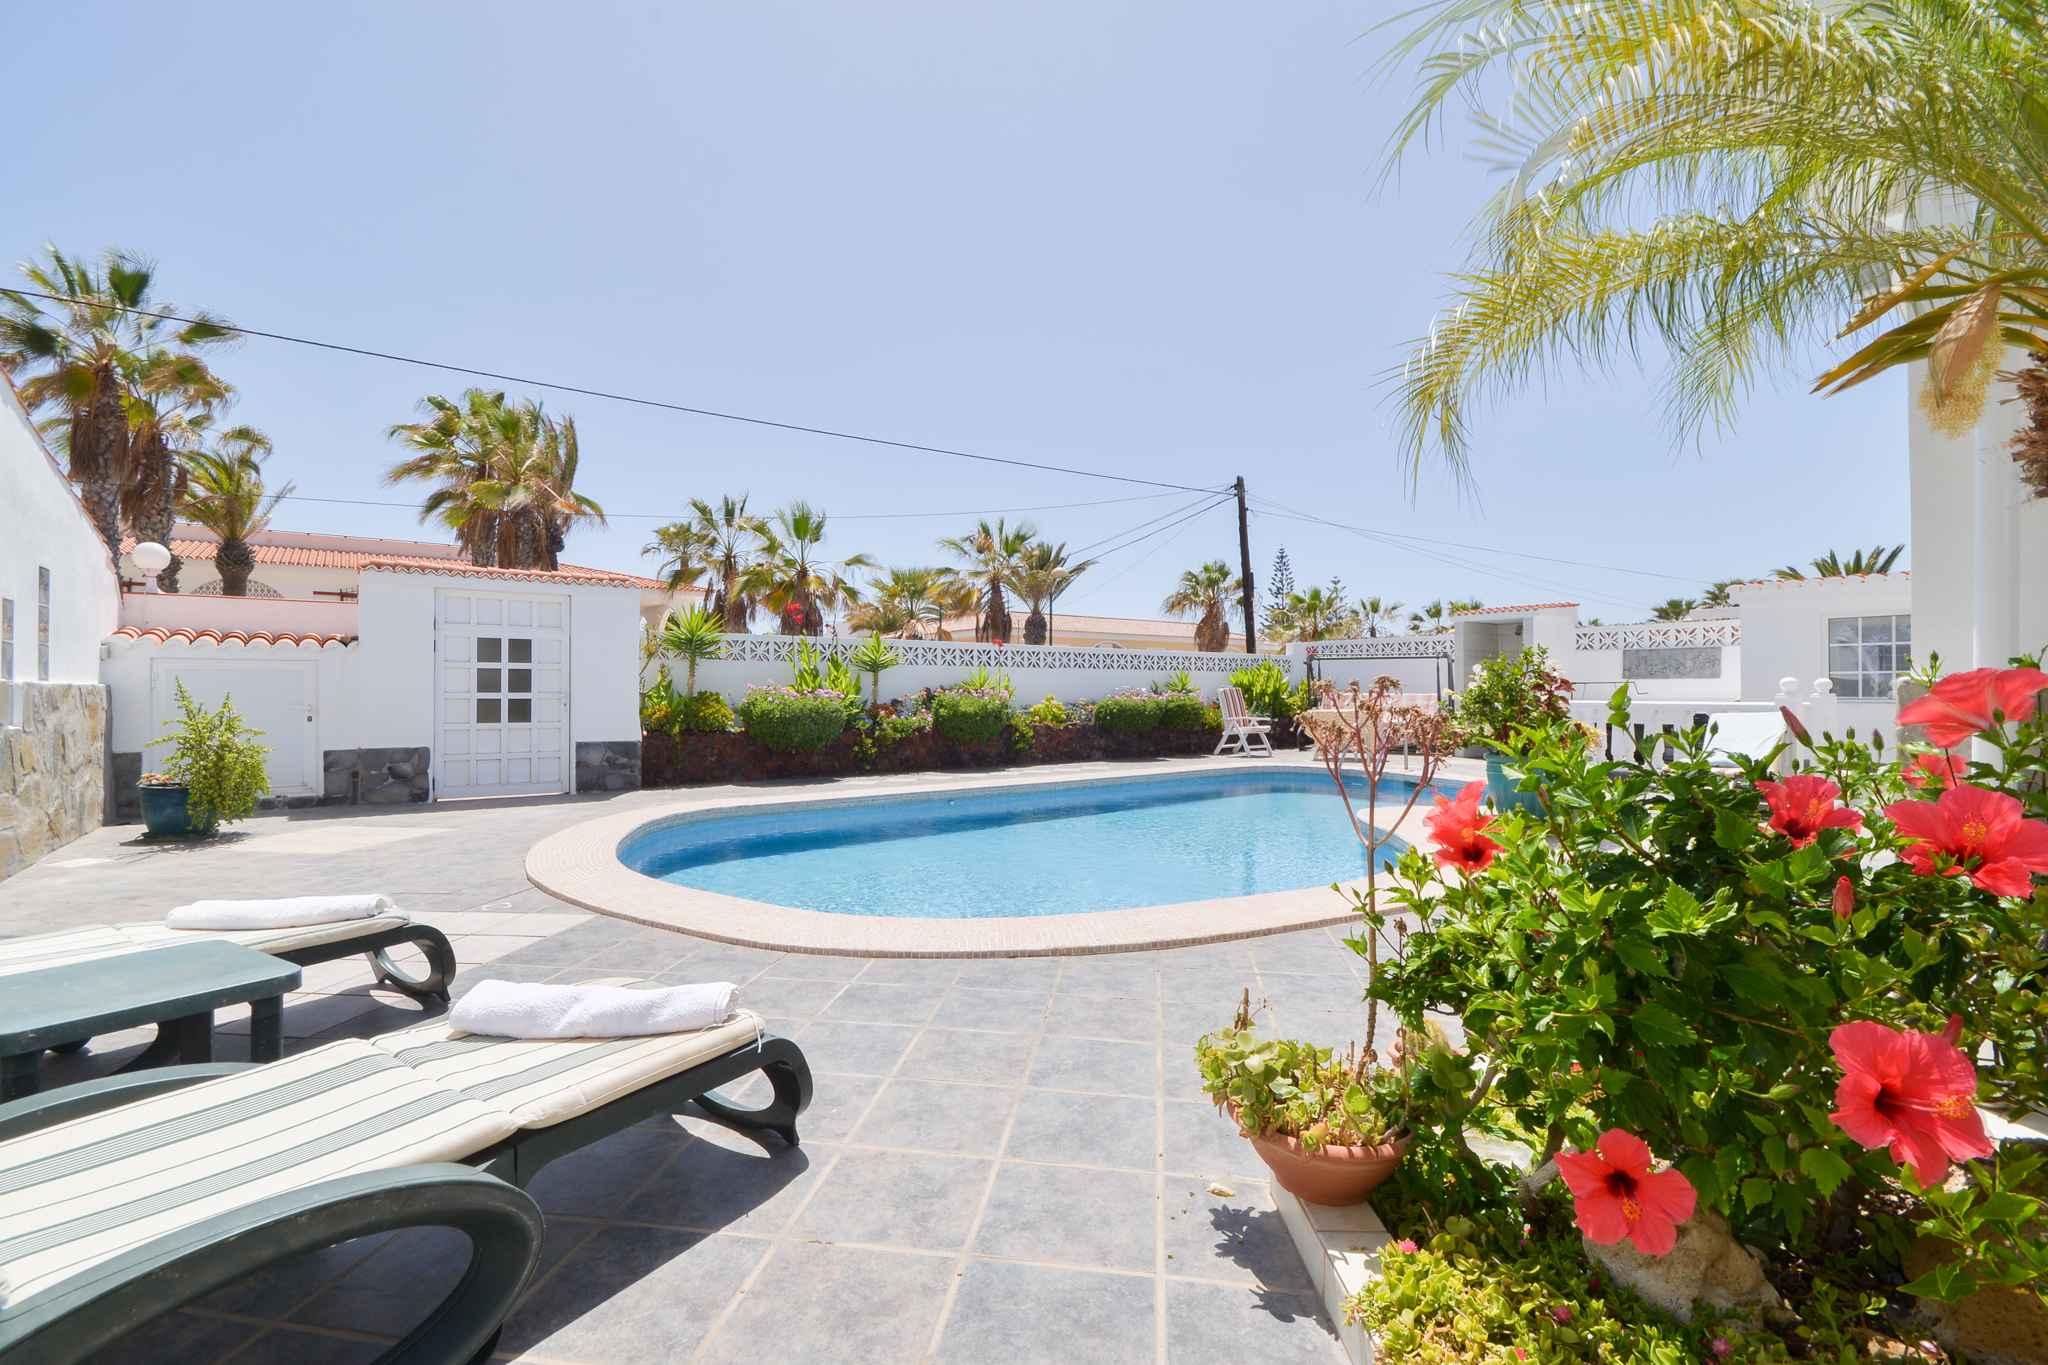 Ferienwohnung mit Außenpool in Privatvilla (1671518), Palm-Mar, Teneriffa, Kanarische Inseln, Spanien, Bild 4